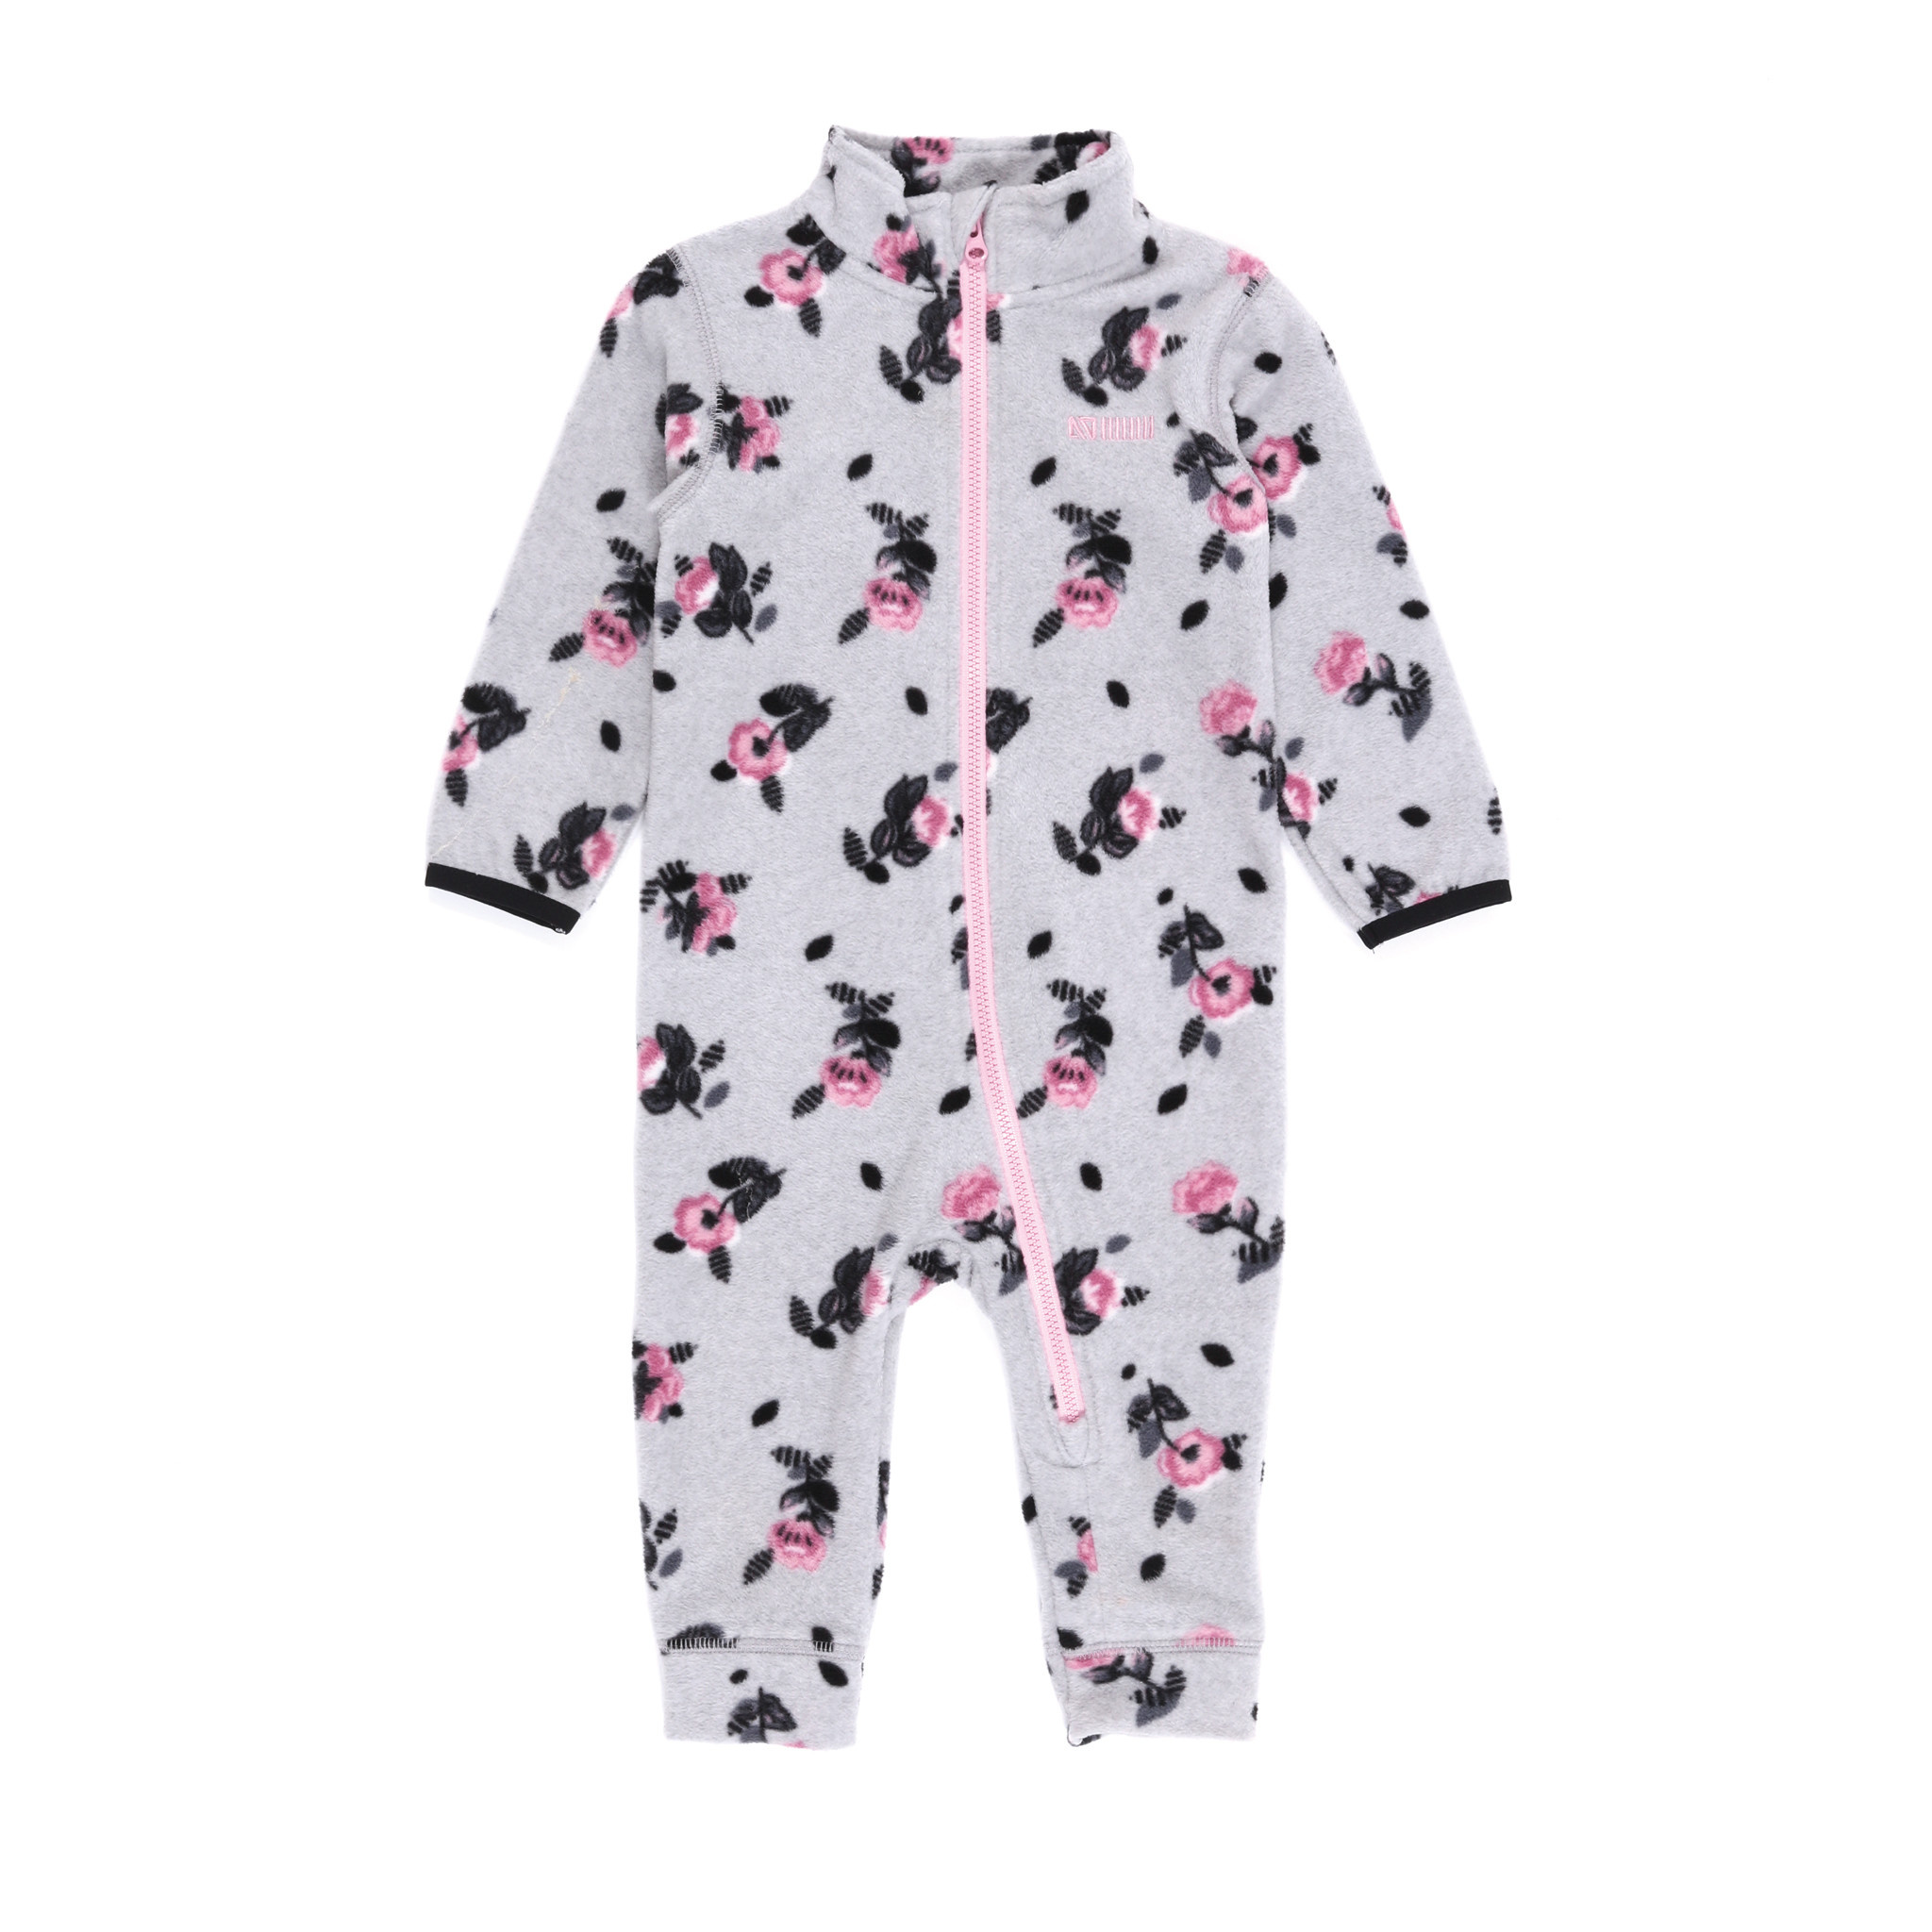 Sous-vêtement en micropolar bébé Fleurs-4